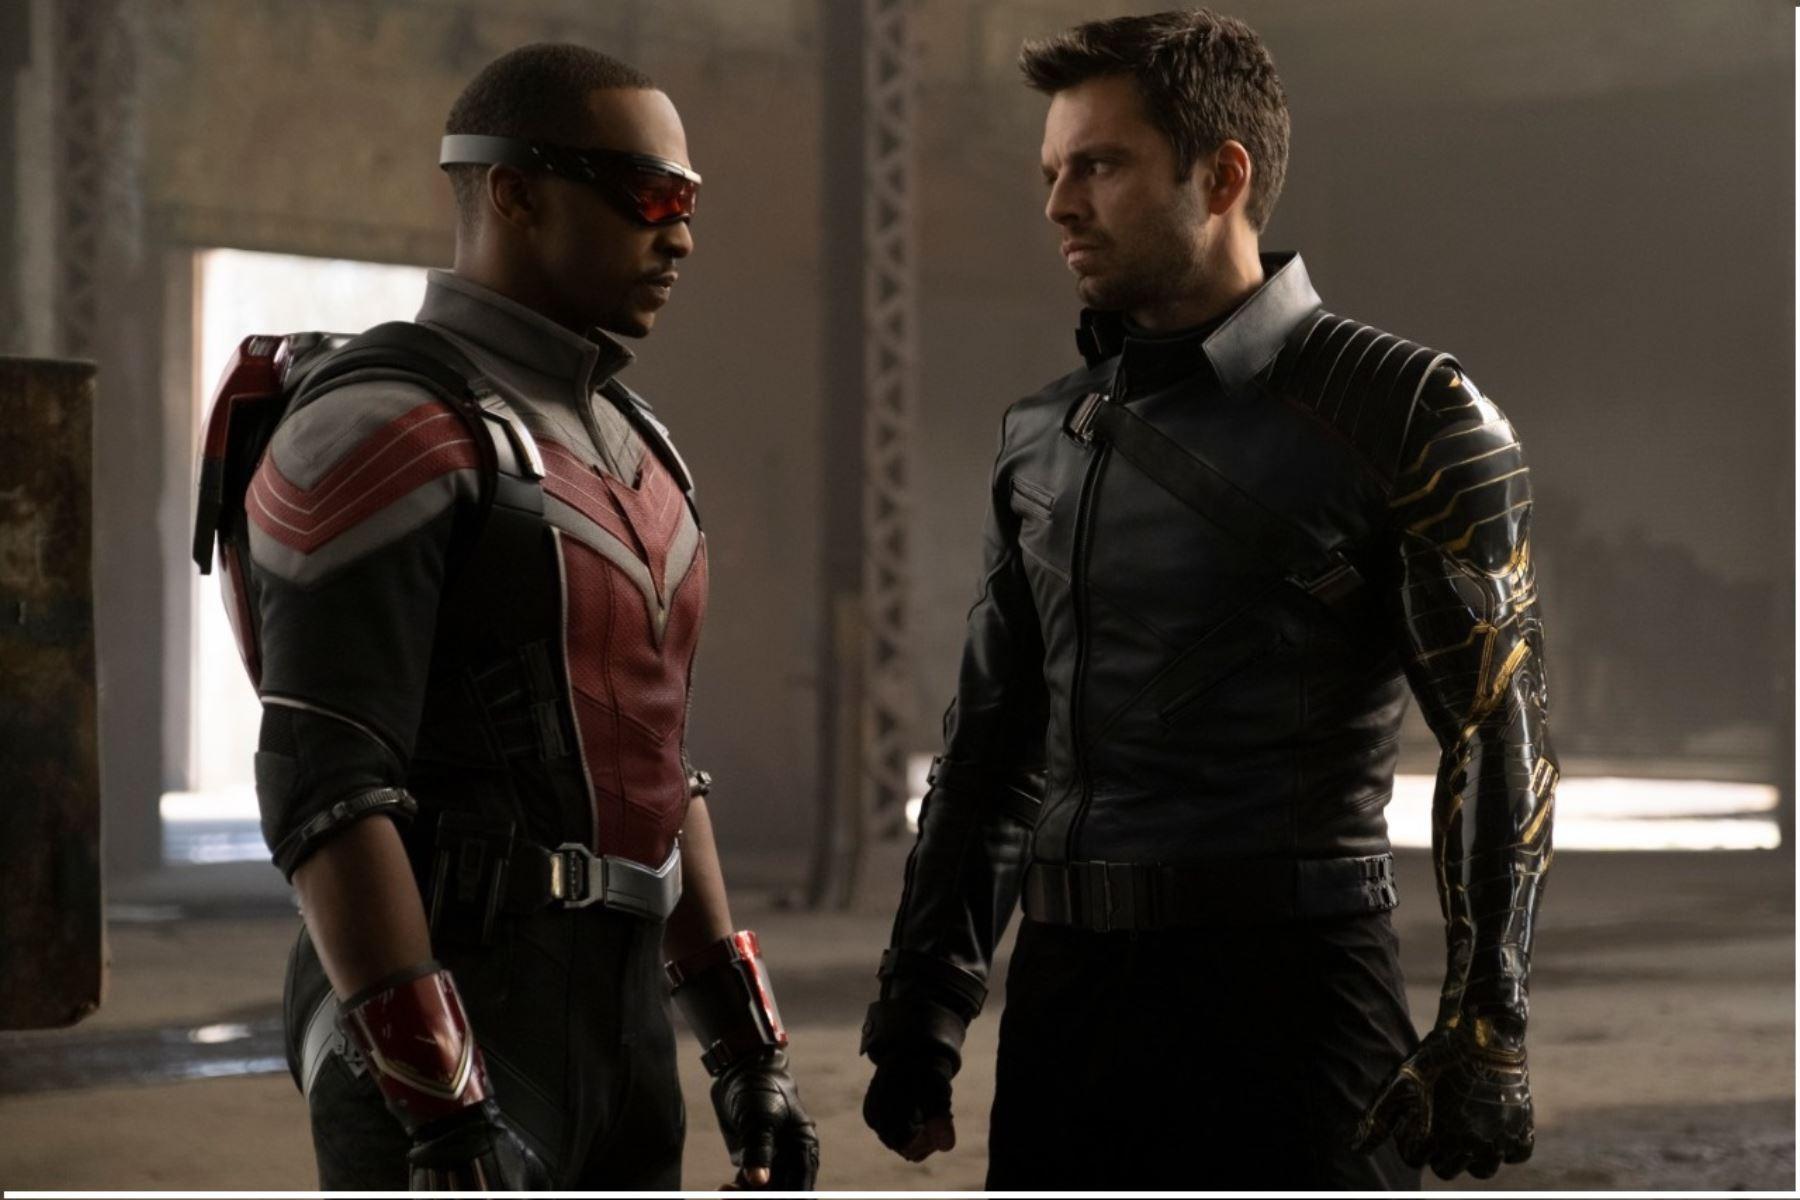 Mira aquí el nuevo tráiler de Falcon y el Soldado del Invierno de Marvel Studios.